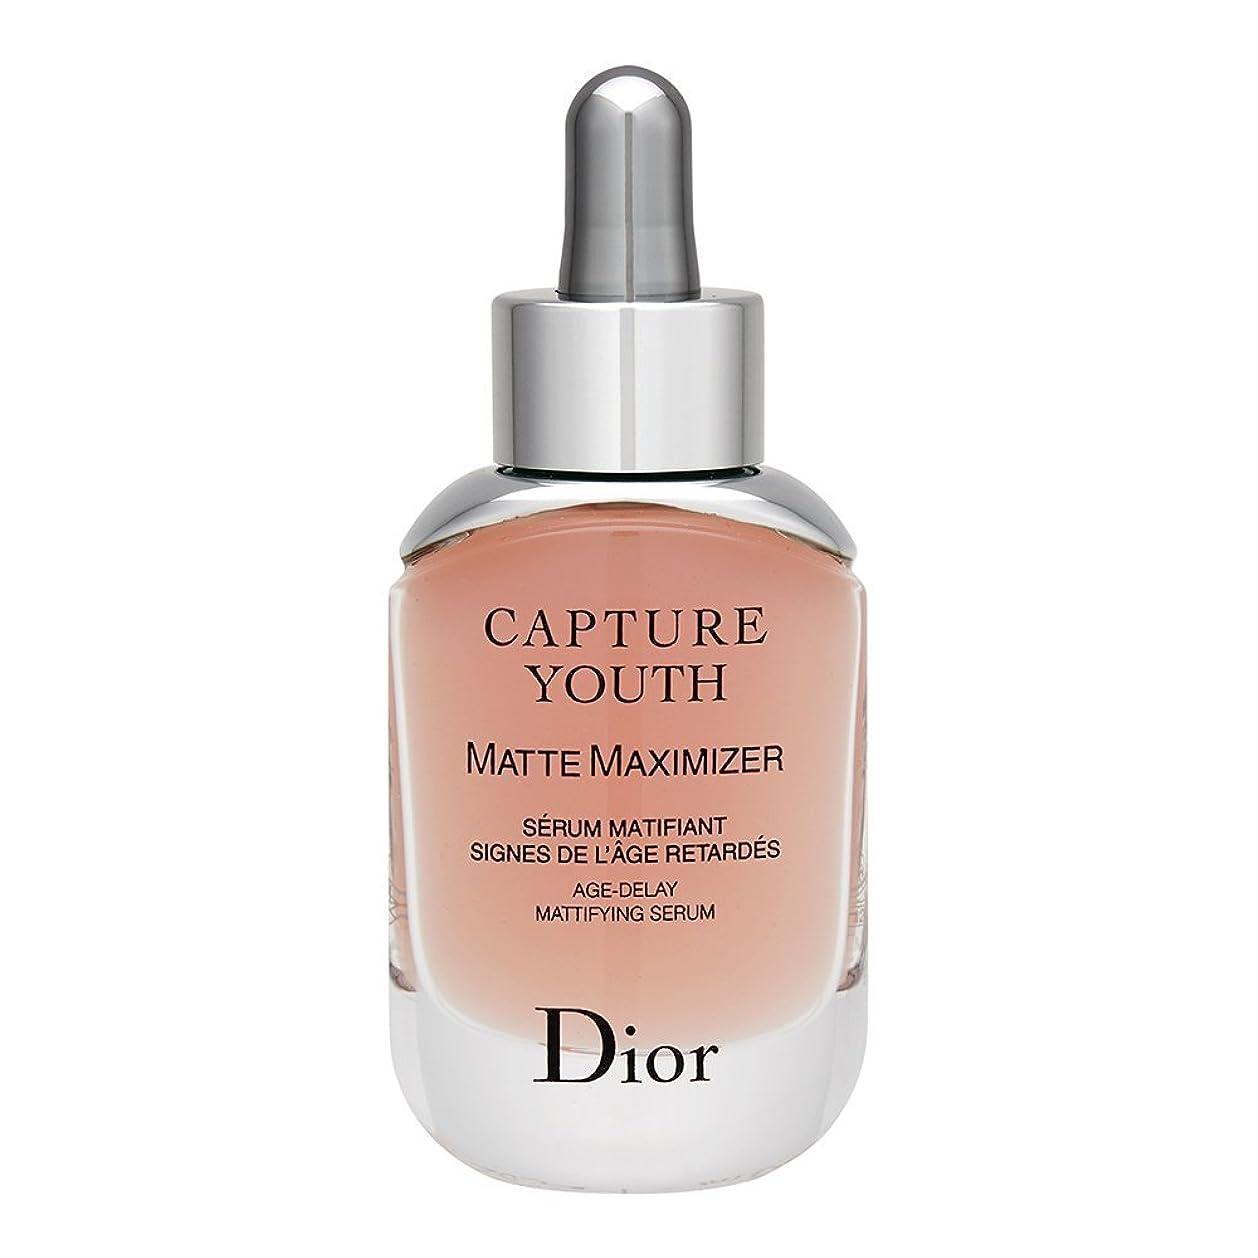 召喚する保守可能想像力豊かなクリスチャンディオール Christian Dior カプチュール ユース マット マキシマイザー 30mL [並行輸入品]